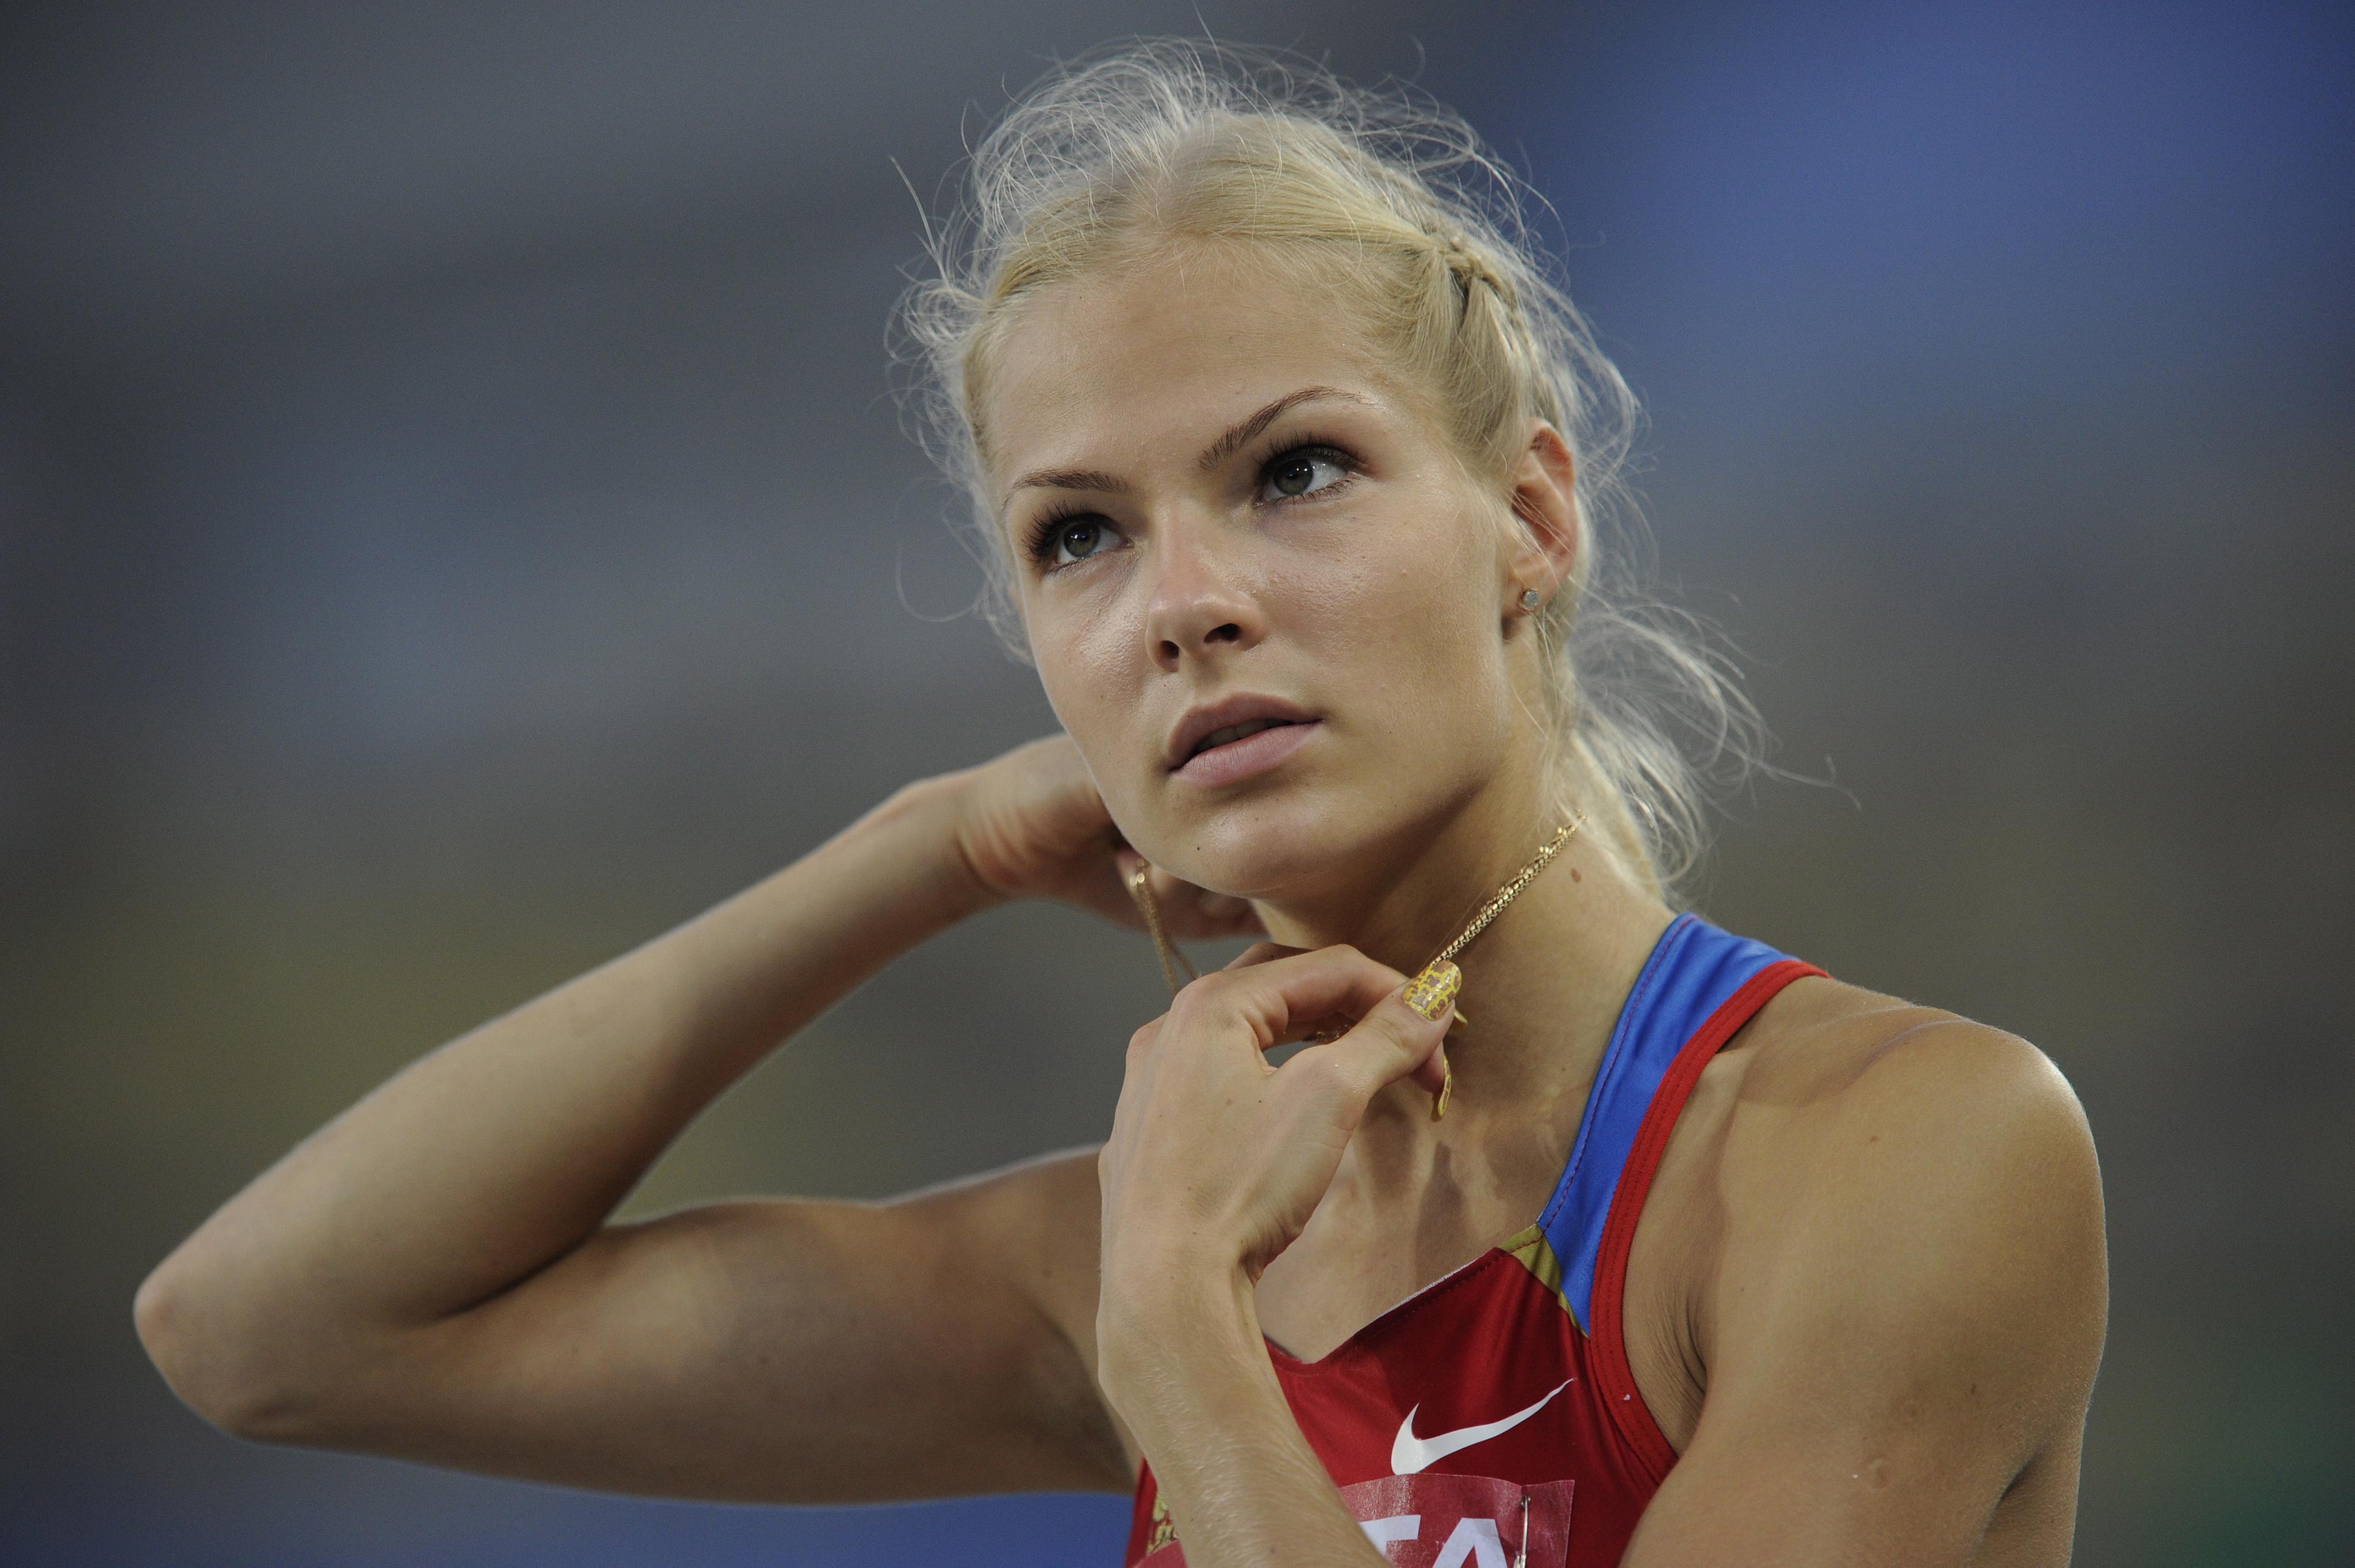 Русские спортсменки фото 3 фотография